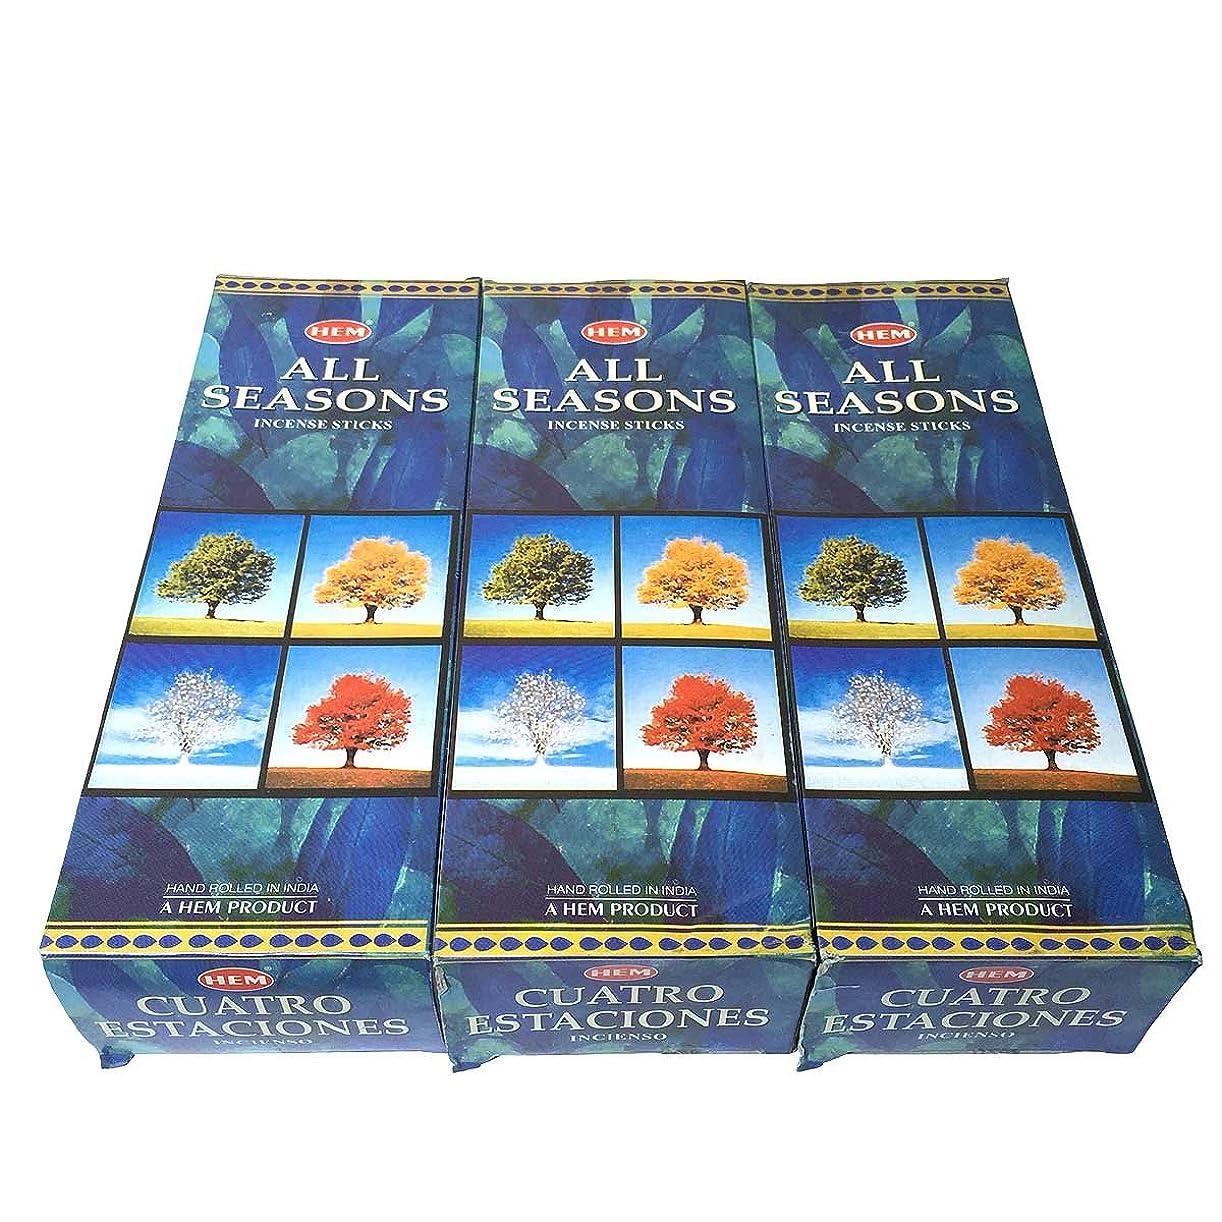 飛ぶそして撤退オールシーズン香スティック 3BOX(18箱) /HEM ALL SEASONS/インセンス/インド香 お香 [並行輸入品]